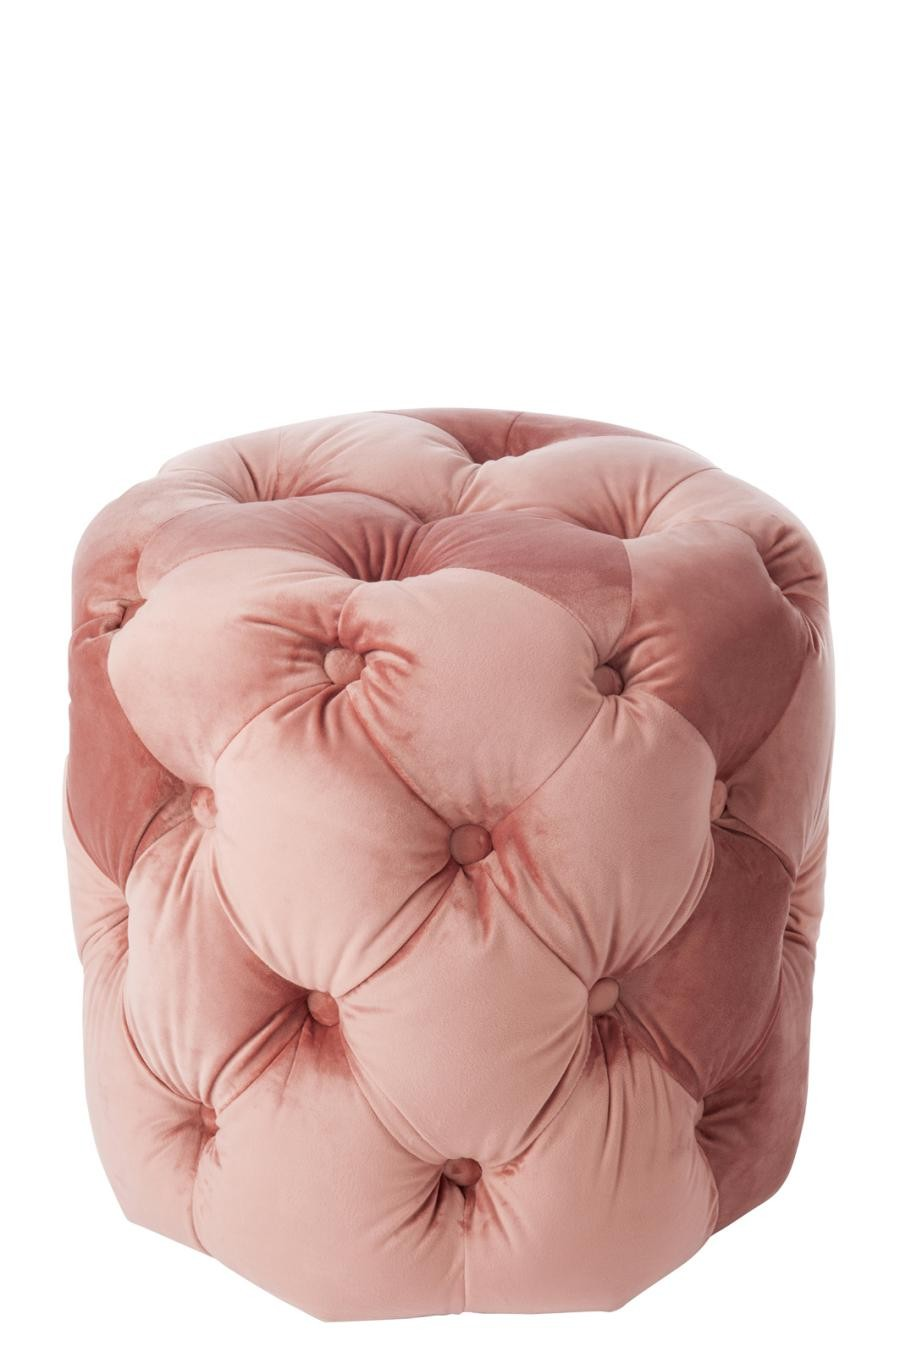 pouf coffre capitonn pouf coffre carr en velours synthtique capitonn cot with pouf coffre. Black Bedroom Furniture Sets. Home Design Ideas